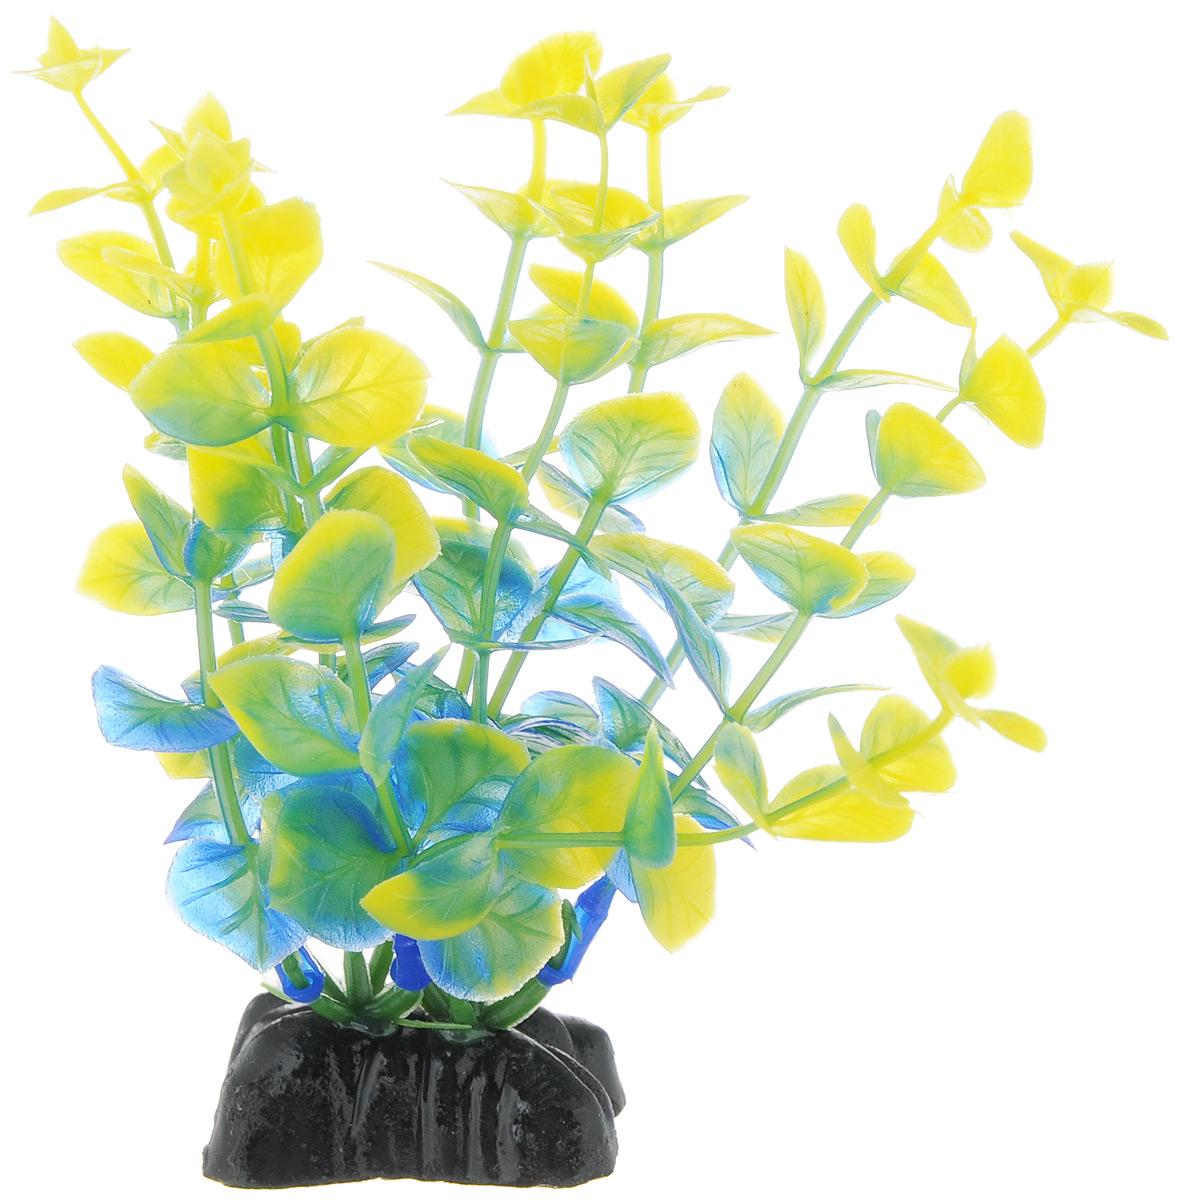 Растение для аквариума Barbus Бакопа, пластиковое, цвет: синий, зеленый, желтый, высота 10 см0120710Растение Barbus Бакопа, выполненное из высококачественного нетоксичного пластика, станет прекрасным украшением вашего аквариума. Пластиковое растение идеально подходит для дизайна всех видов аквариумов. В воде происходит абсолютная имитация живых растений. Изделие не требует дополнительного ухода. Оно абсолютно безопасно, нейтрально к водному балансу, устойчиво к истиранию краски, подходит как для пресноводного, так и для морского аквариума. Растение для аквариума Barbus Бакопа поможет вам смоделировать потрясающий пейзаж на дне вашего аквариума.Высота растения: 10 см.